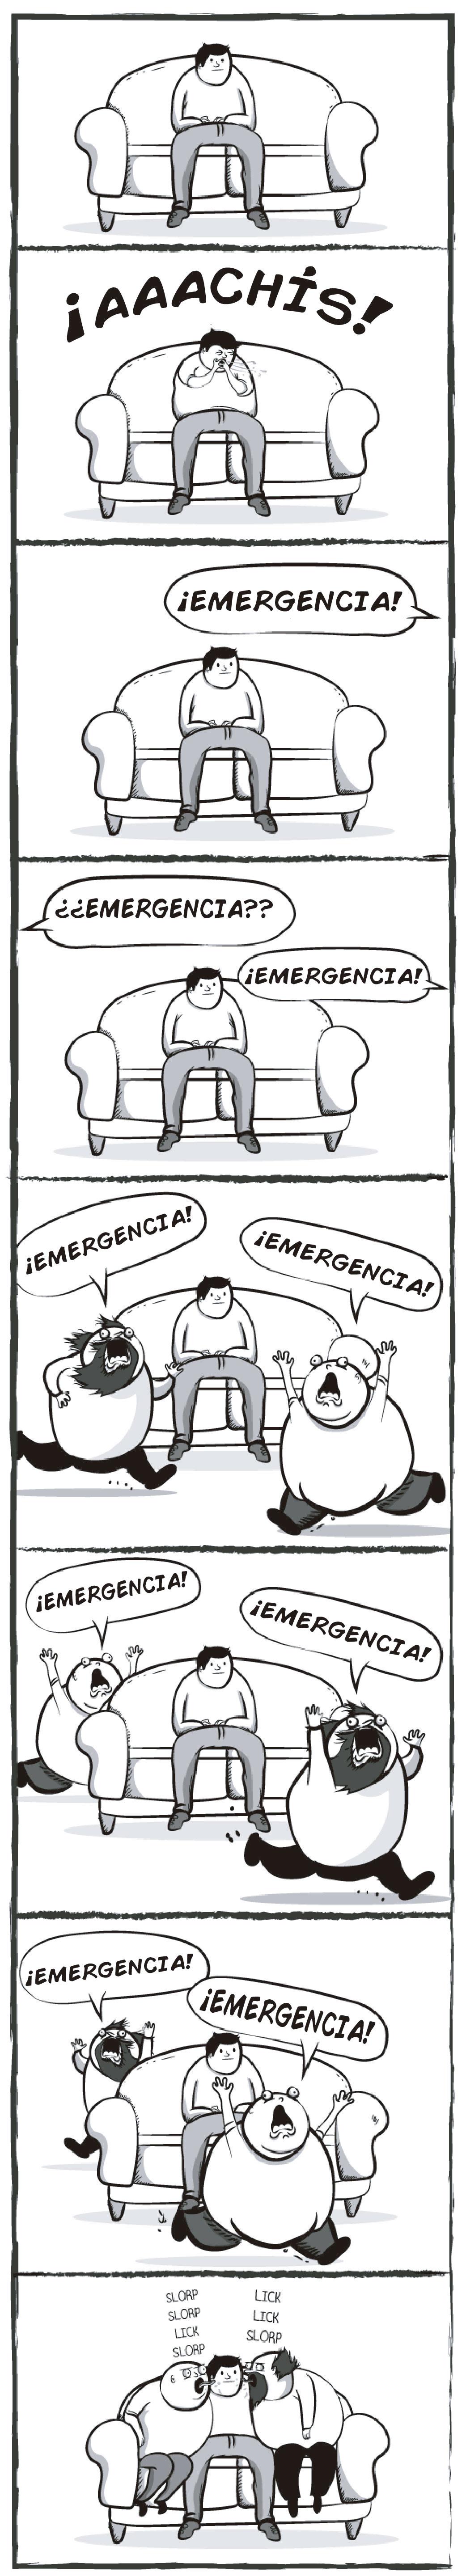 Ilustraciones Matthew Inman, si mis perros fueran dos hombres de mediana edad: emergencia